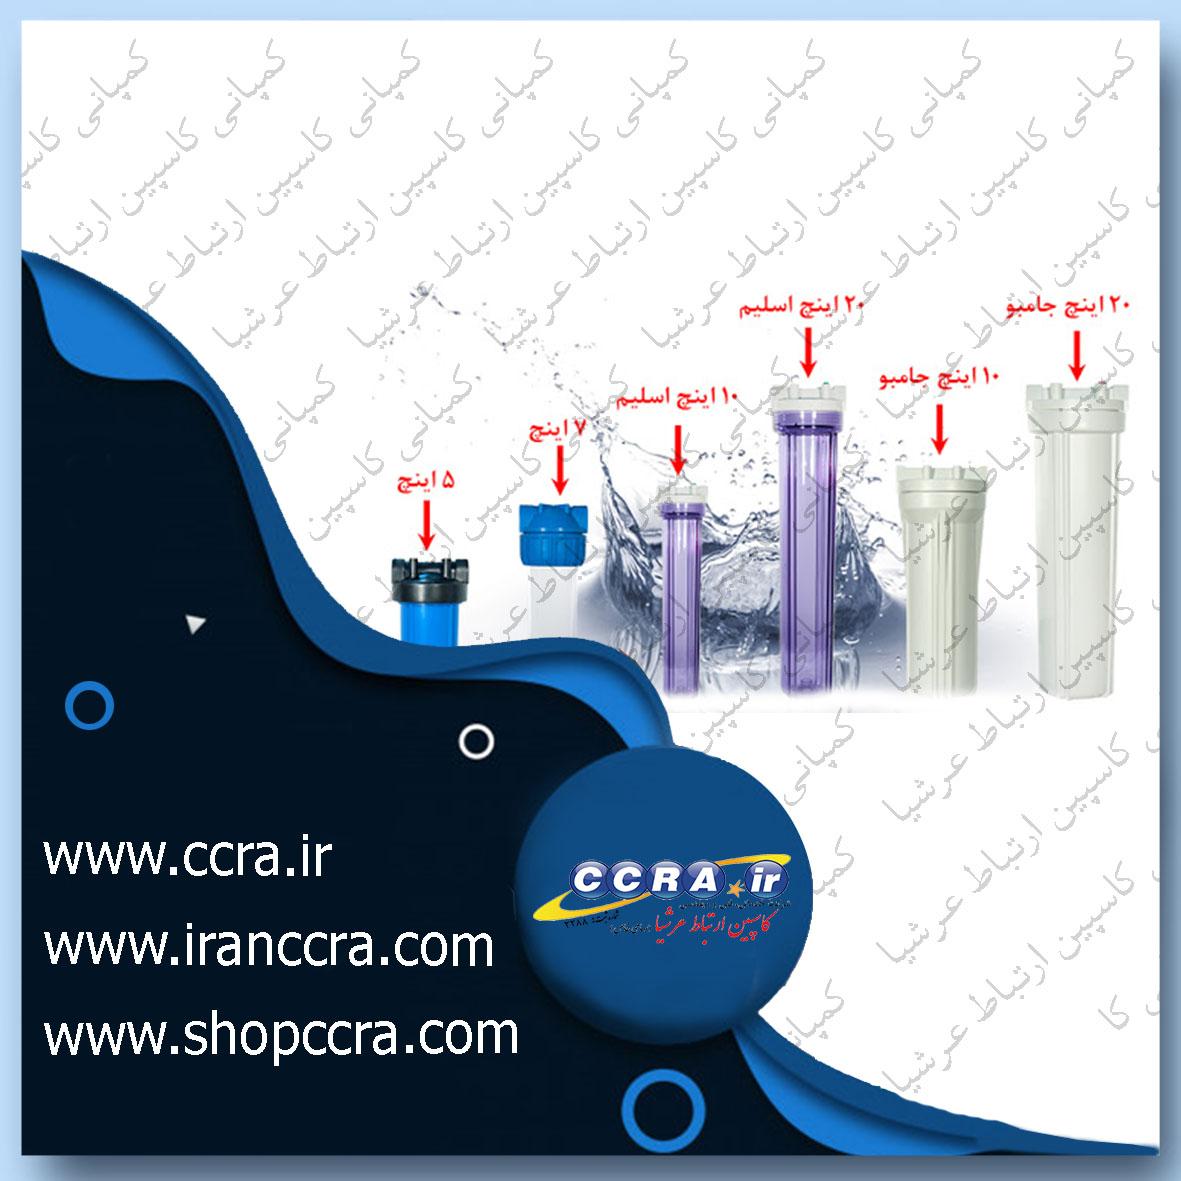 ابعاد هوزینگ به کار برده شده در دستگاه های تصفیه آب خانگی آکوا لایف